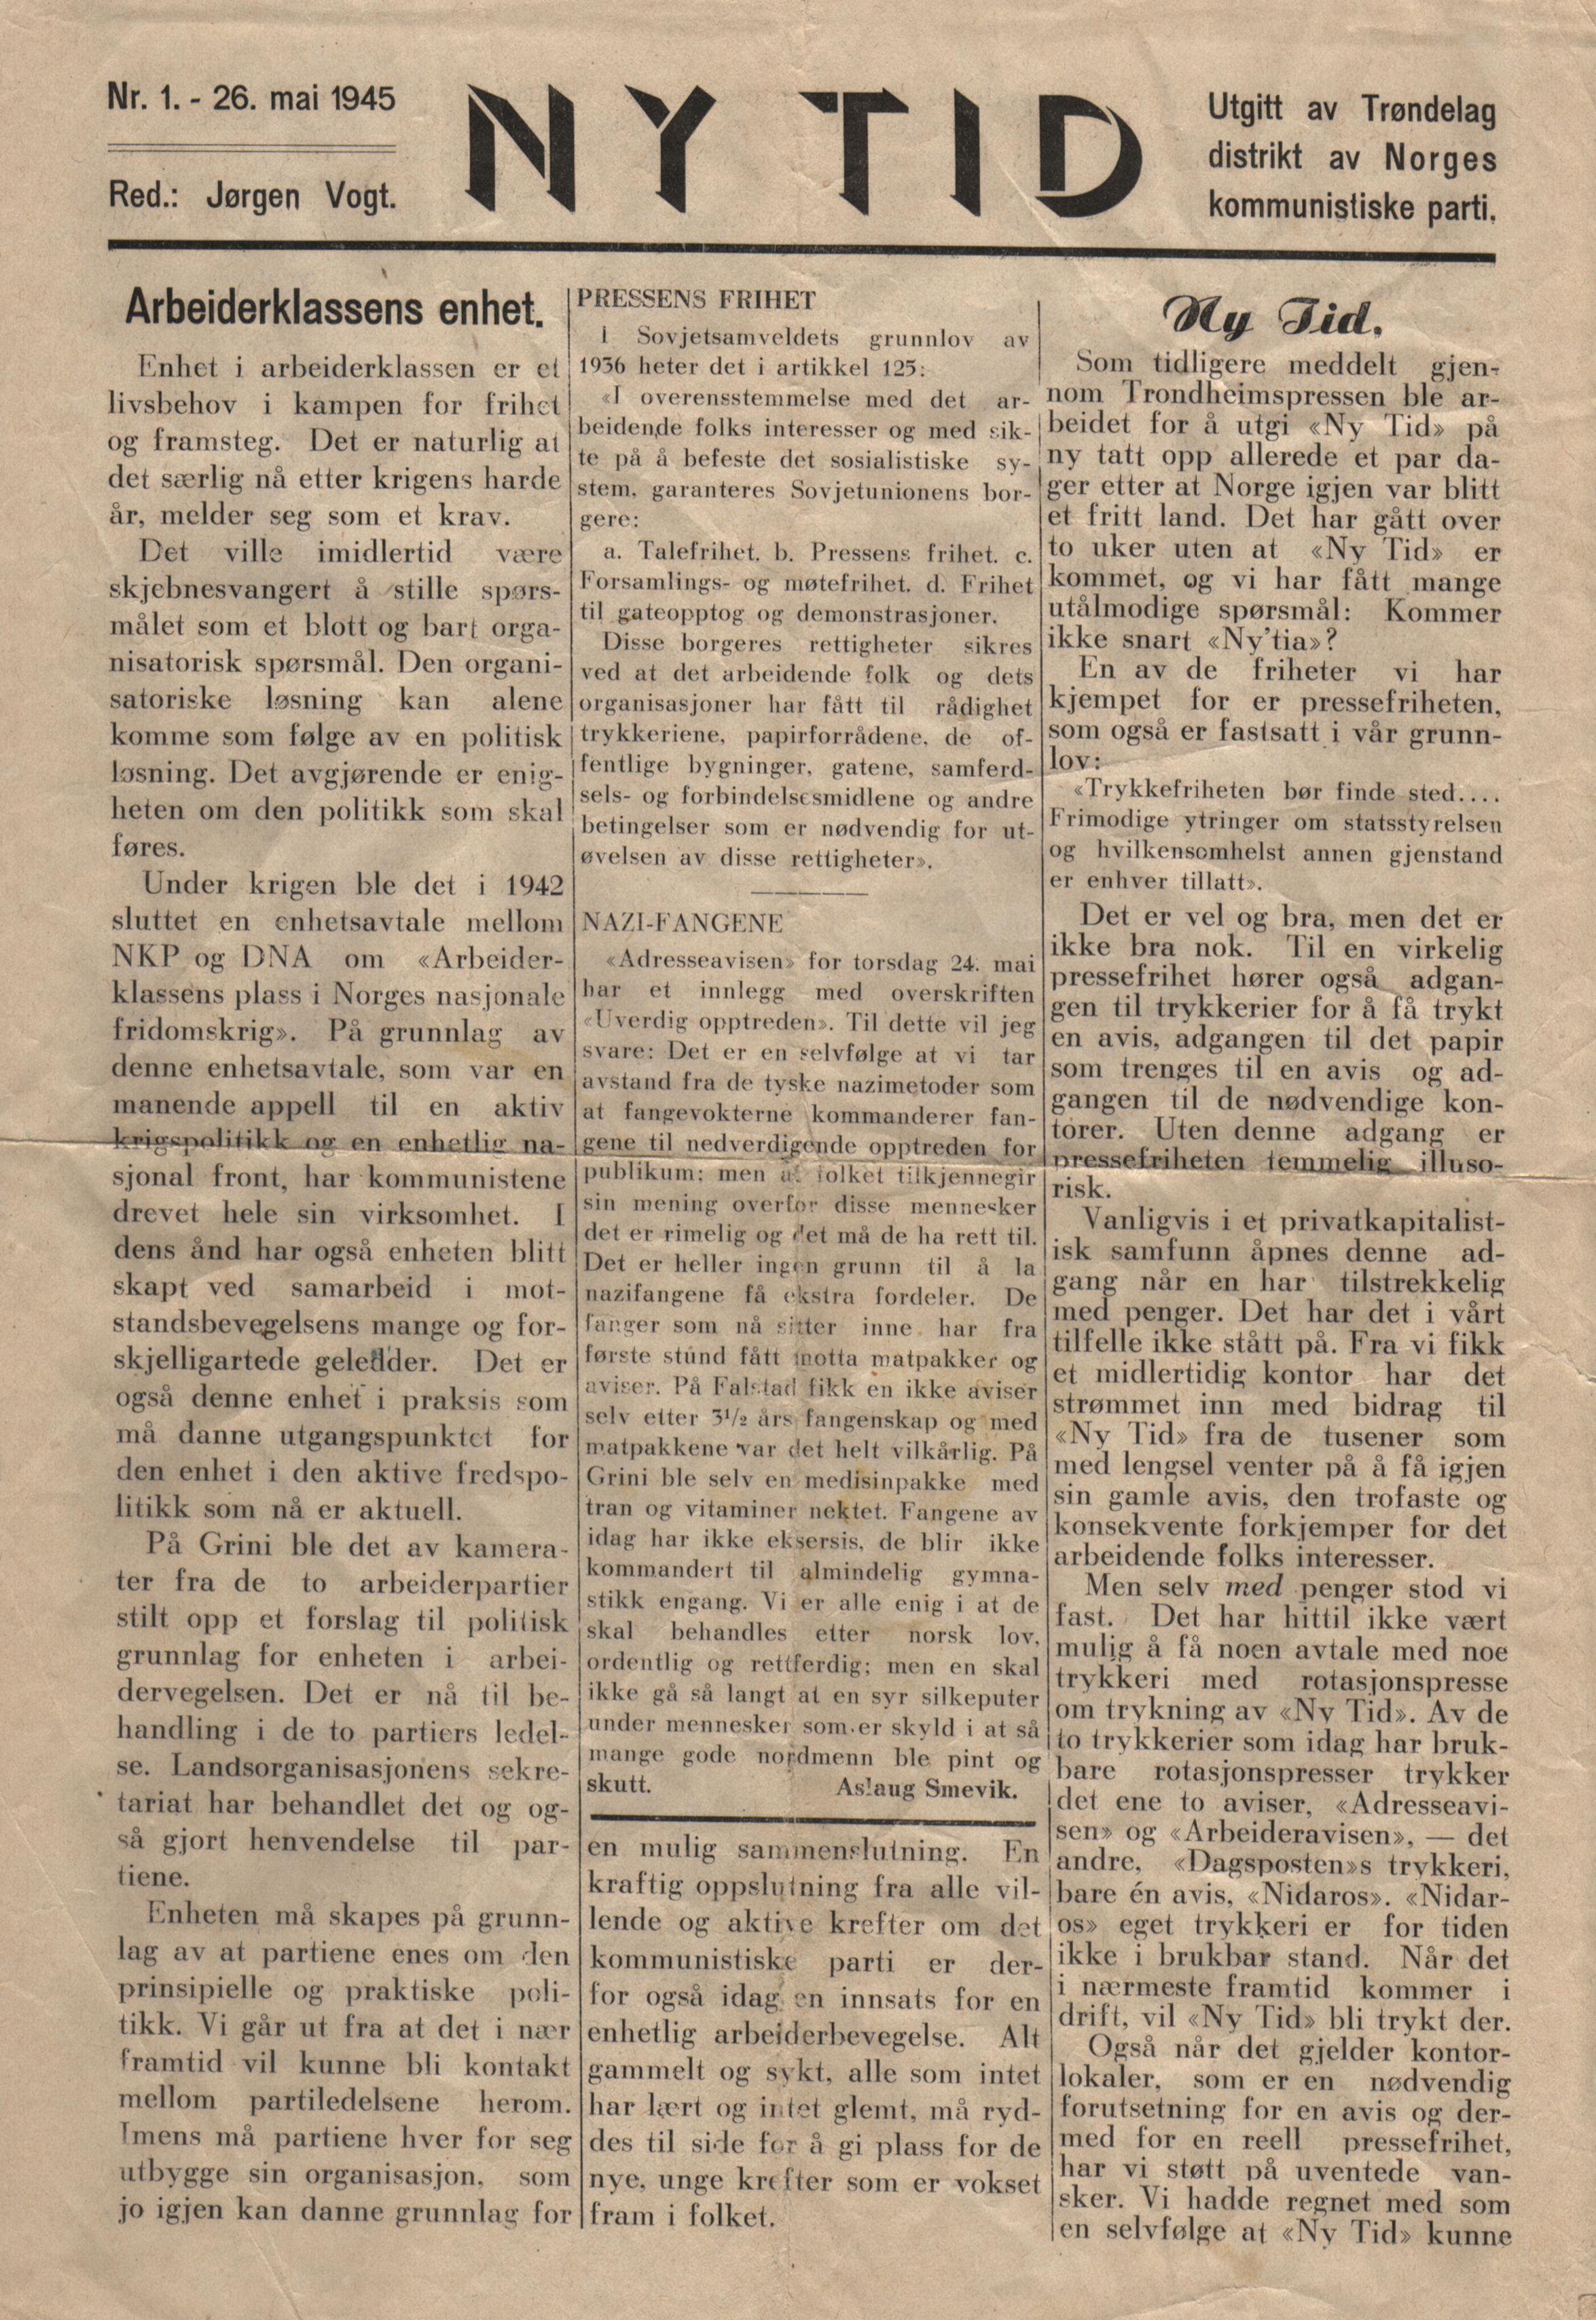 oppsummering av norge i etterkrigstiden